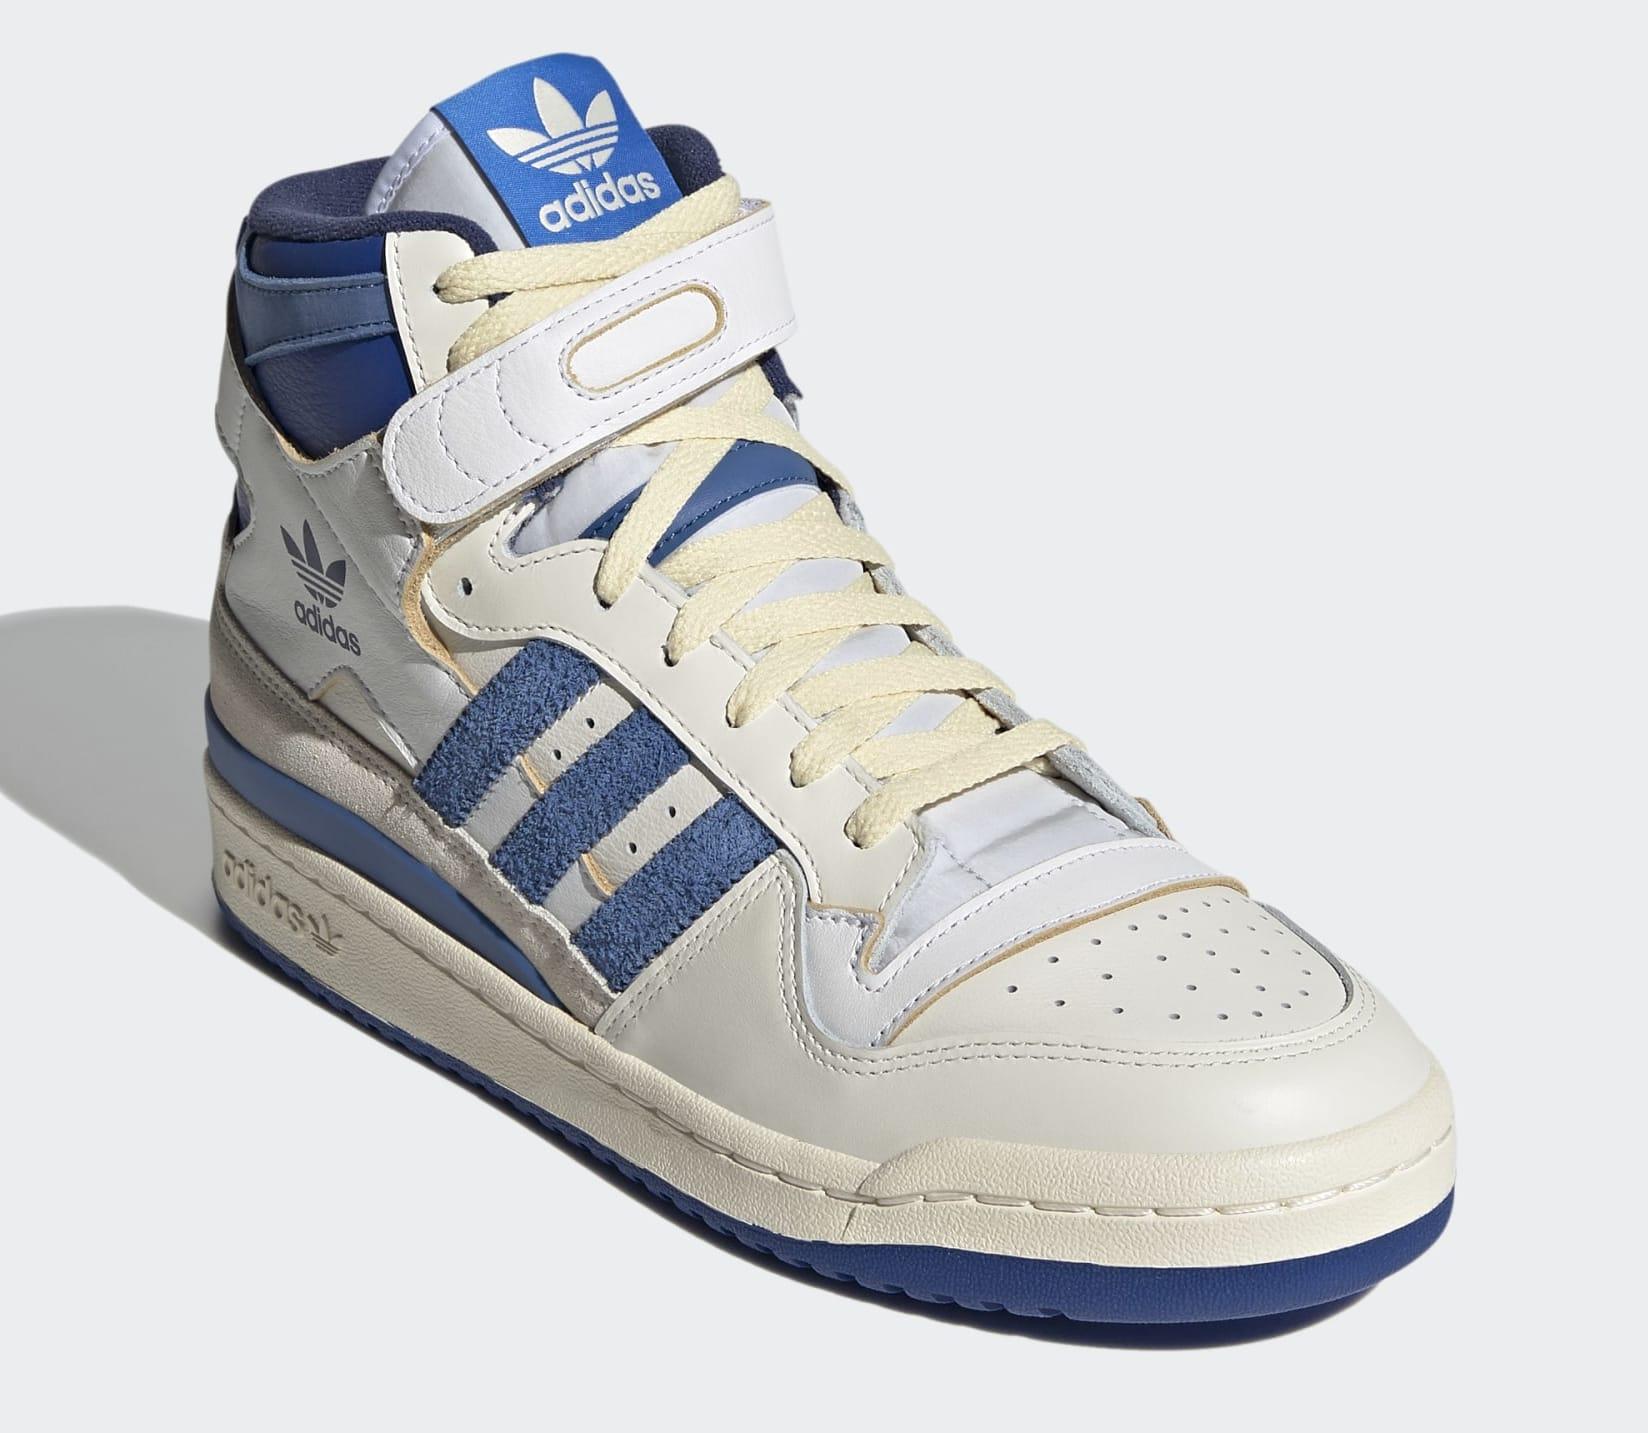 Adidas OG Forum 84 FY7793 Front